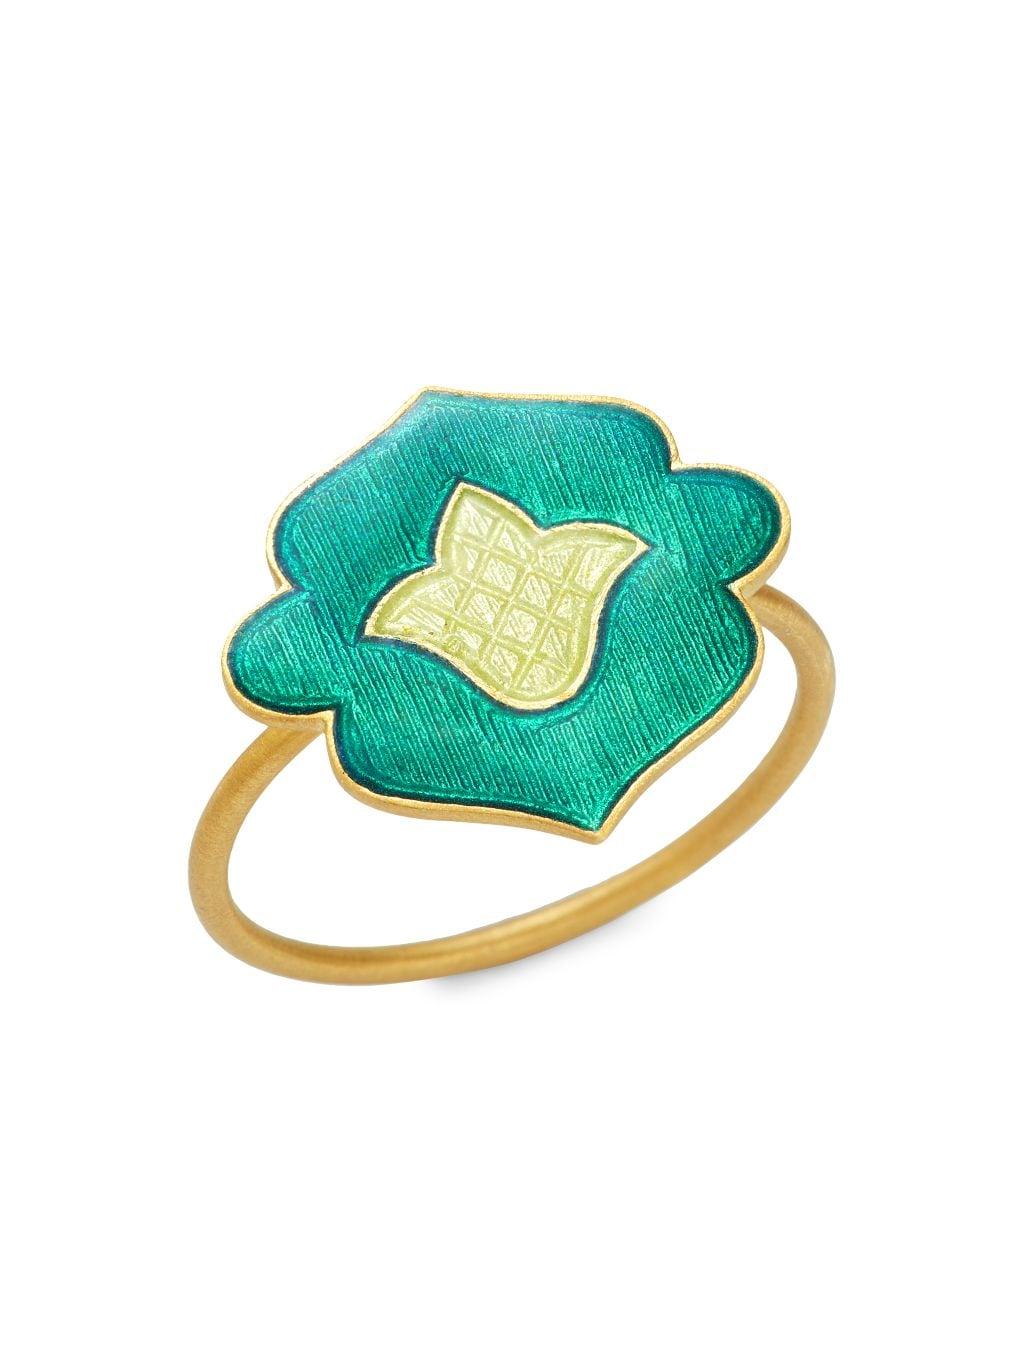 Legend Amrapali Holi 18K Yellow Gold & Enamel Ring